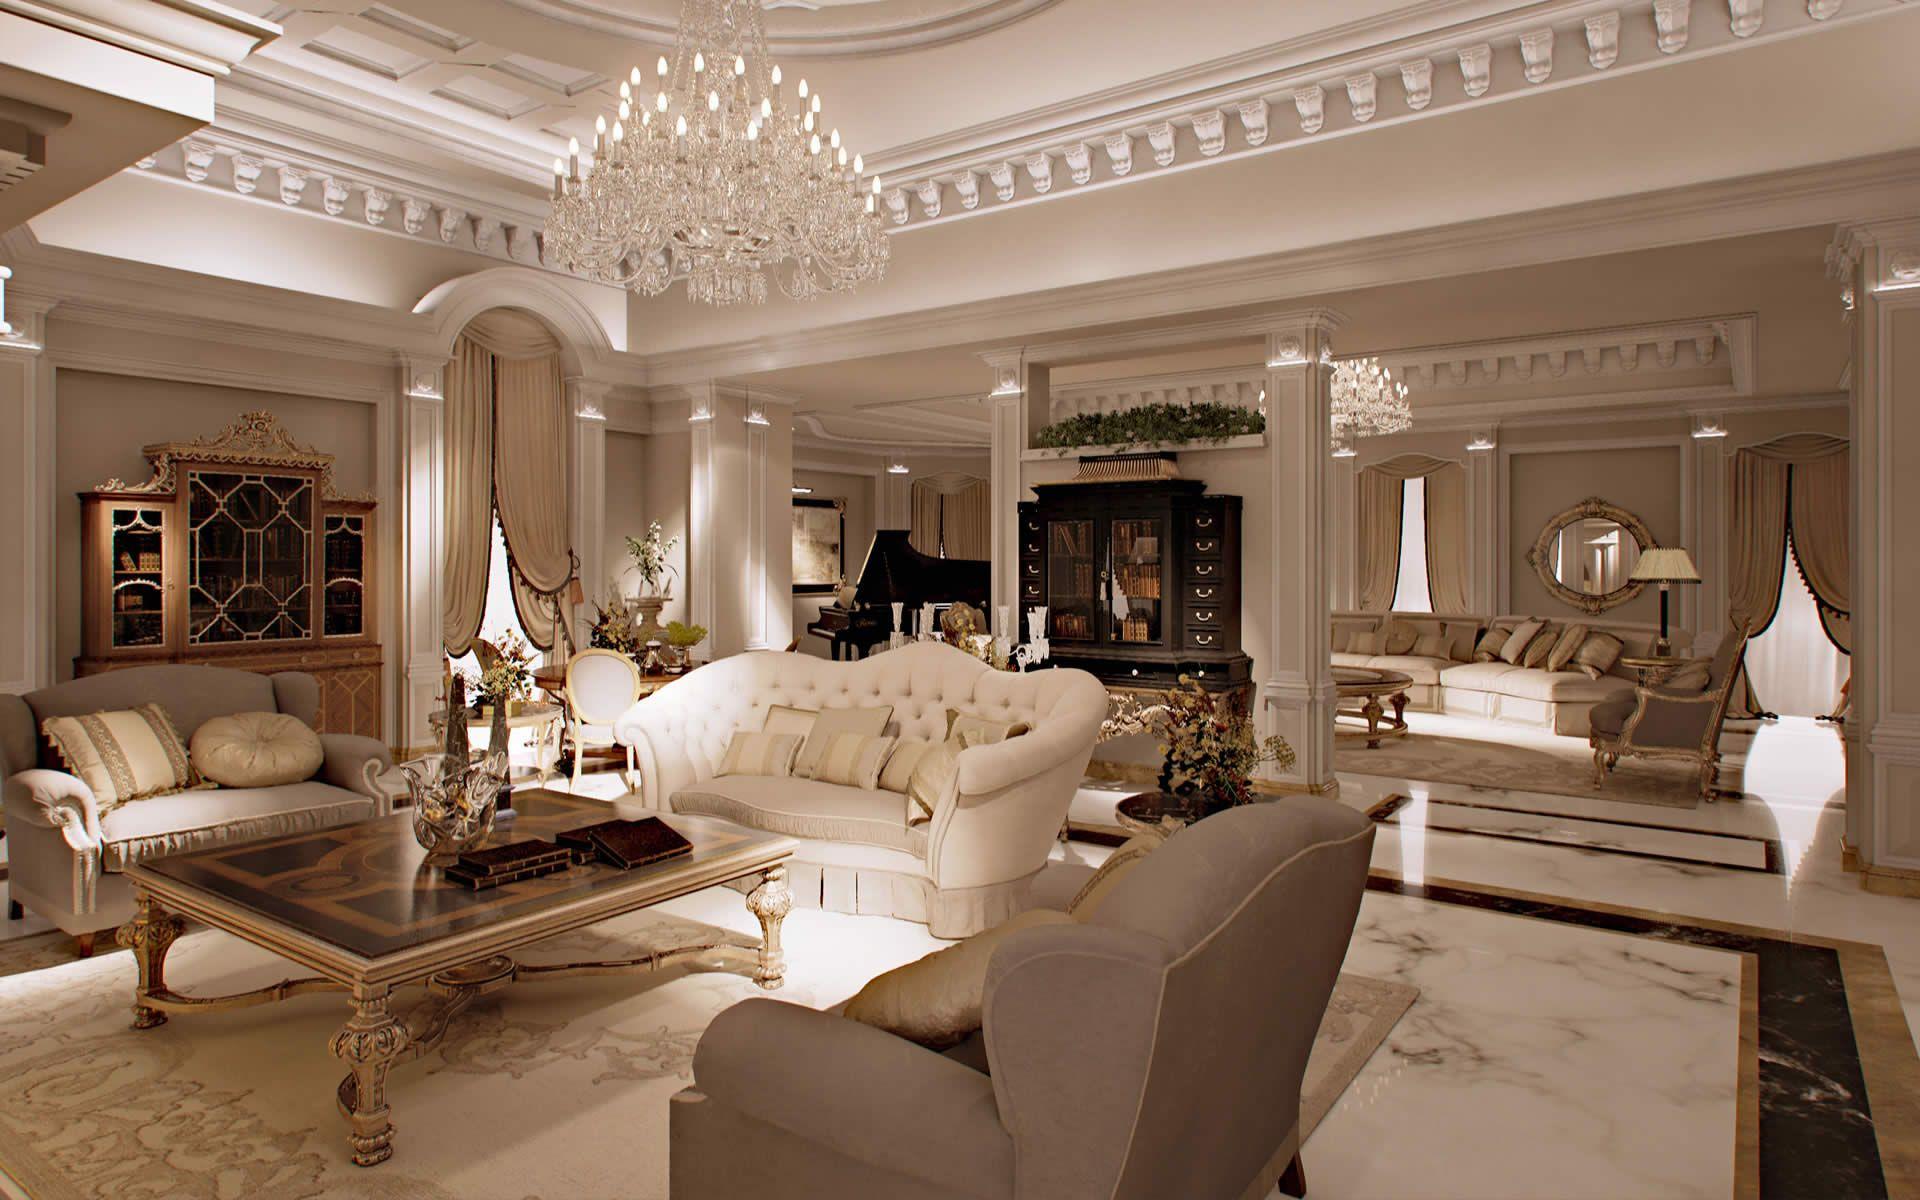 Interni Case Di Lusso Foto bloomberg, uk real estate: the crisis of luxury | Роскошные